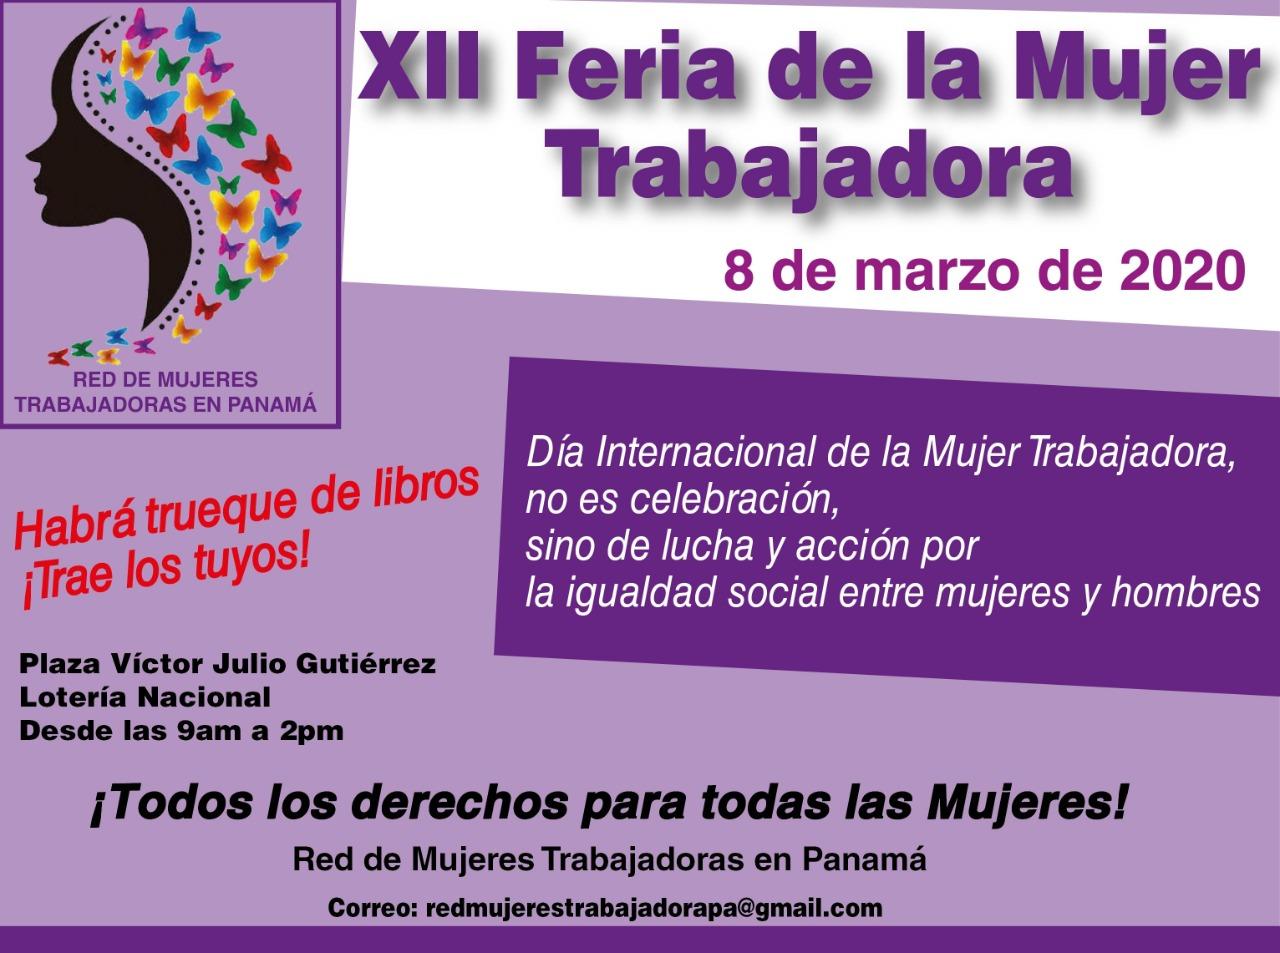 Participarán el Ministerio de Trabajo, el Instituto Nacional de la Mujer, la Defensoría del Pueblo, la Caja de Seguro Social, entre otros